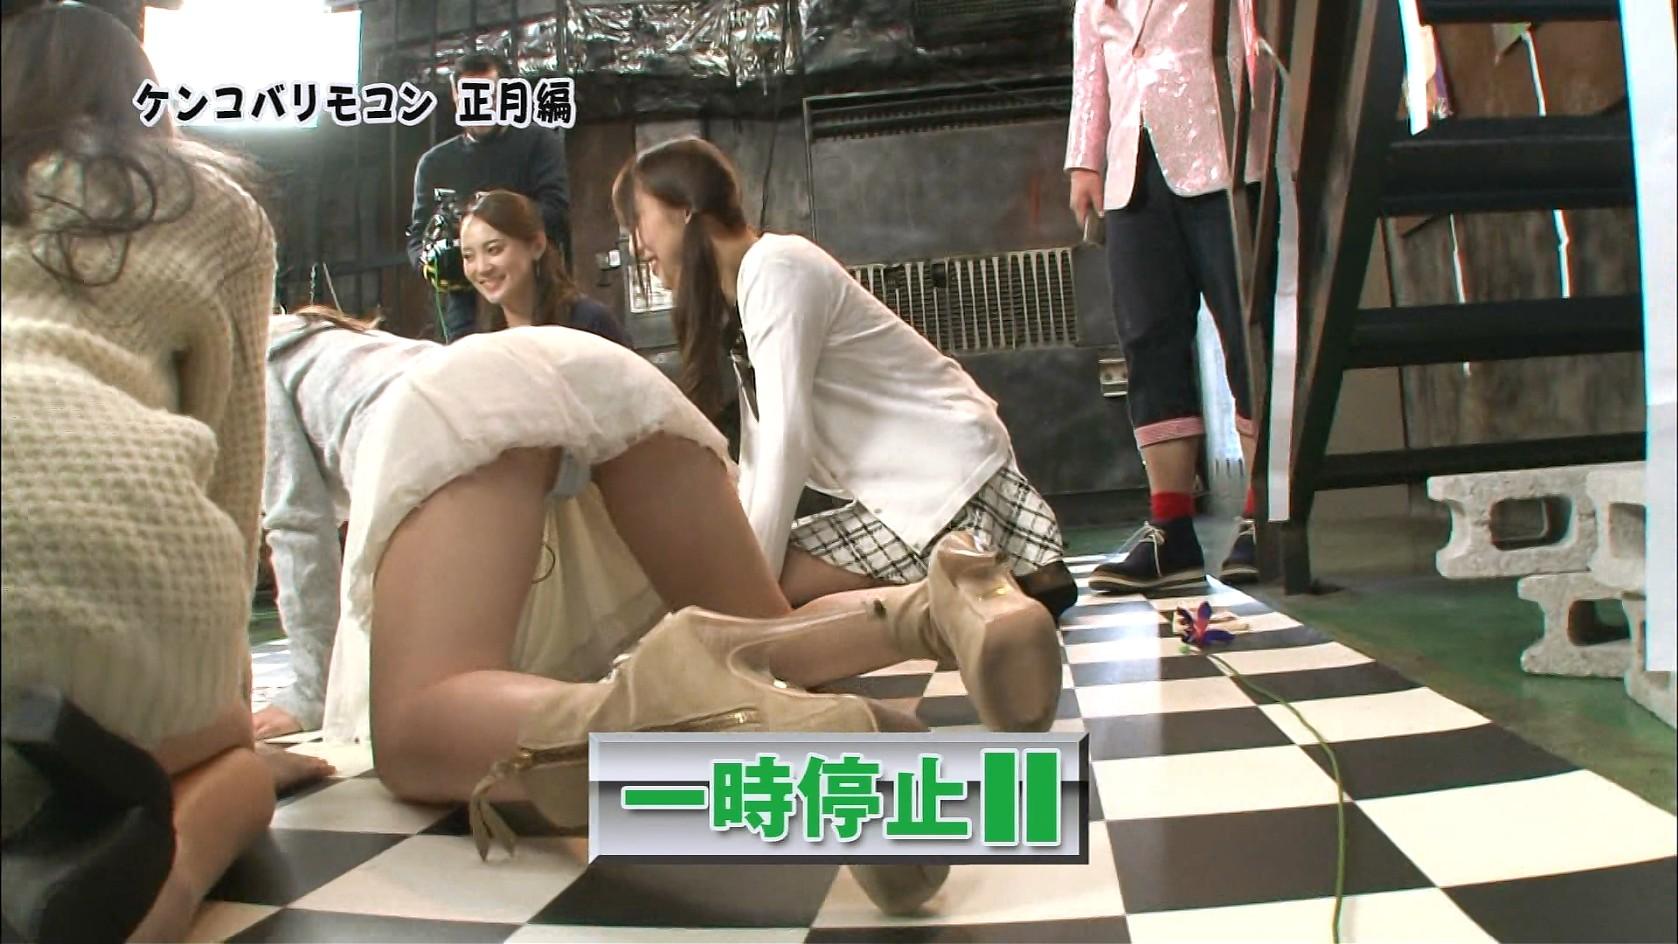 TVでAV女優5